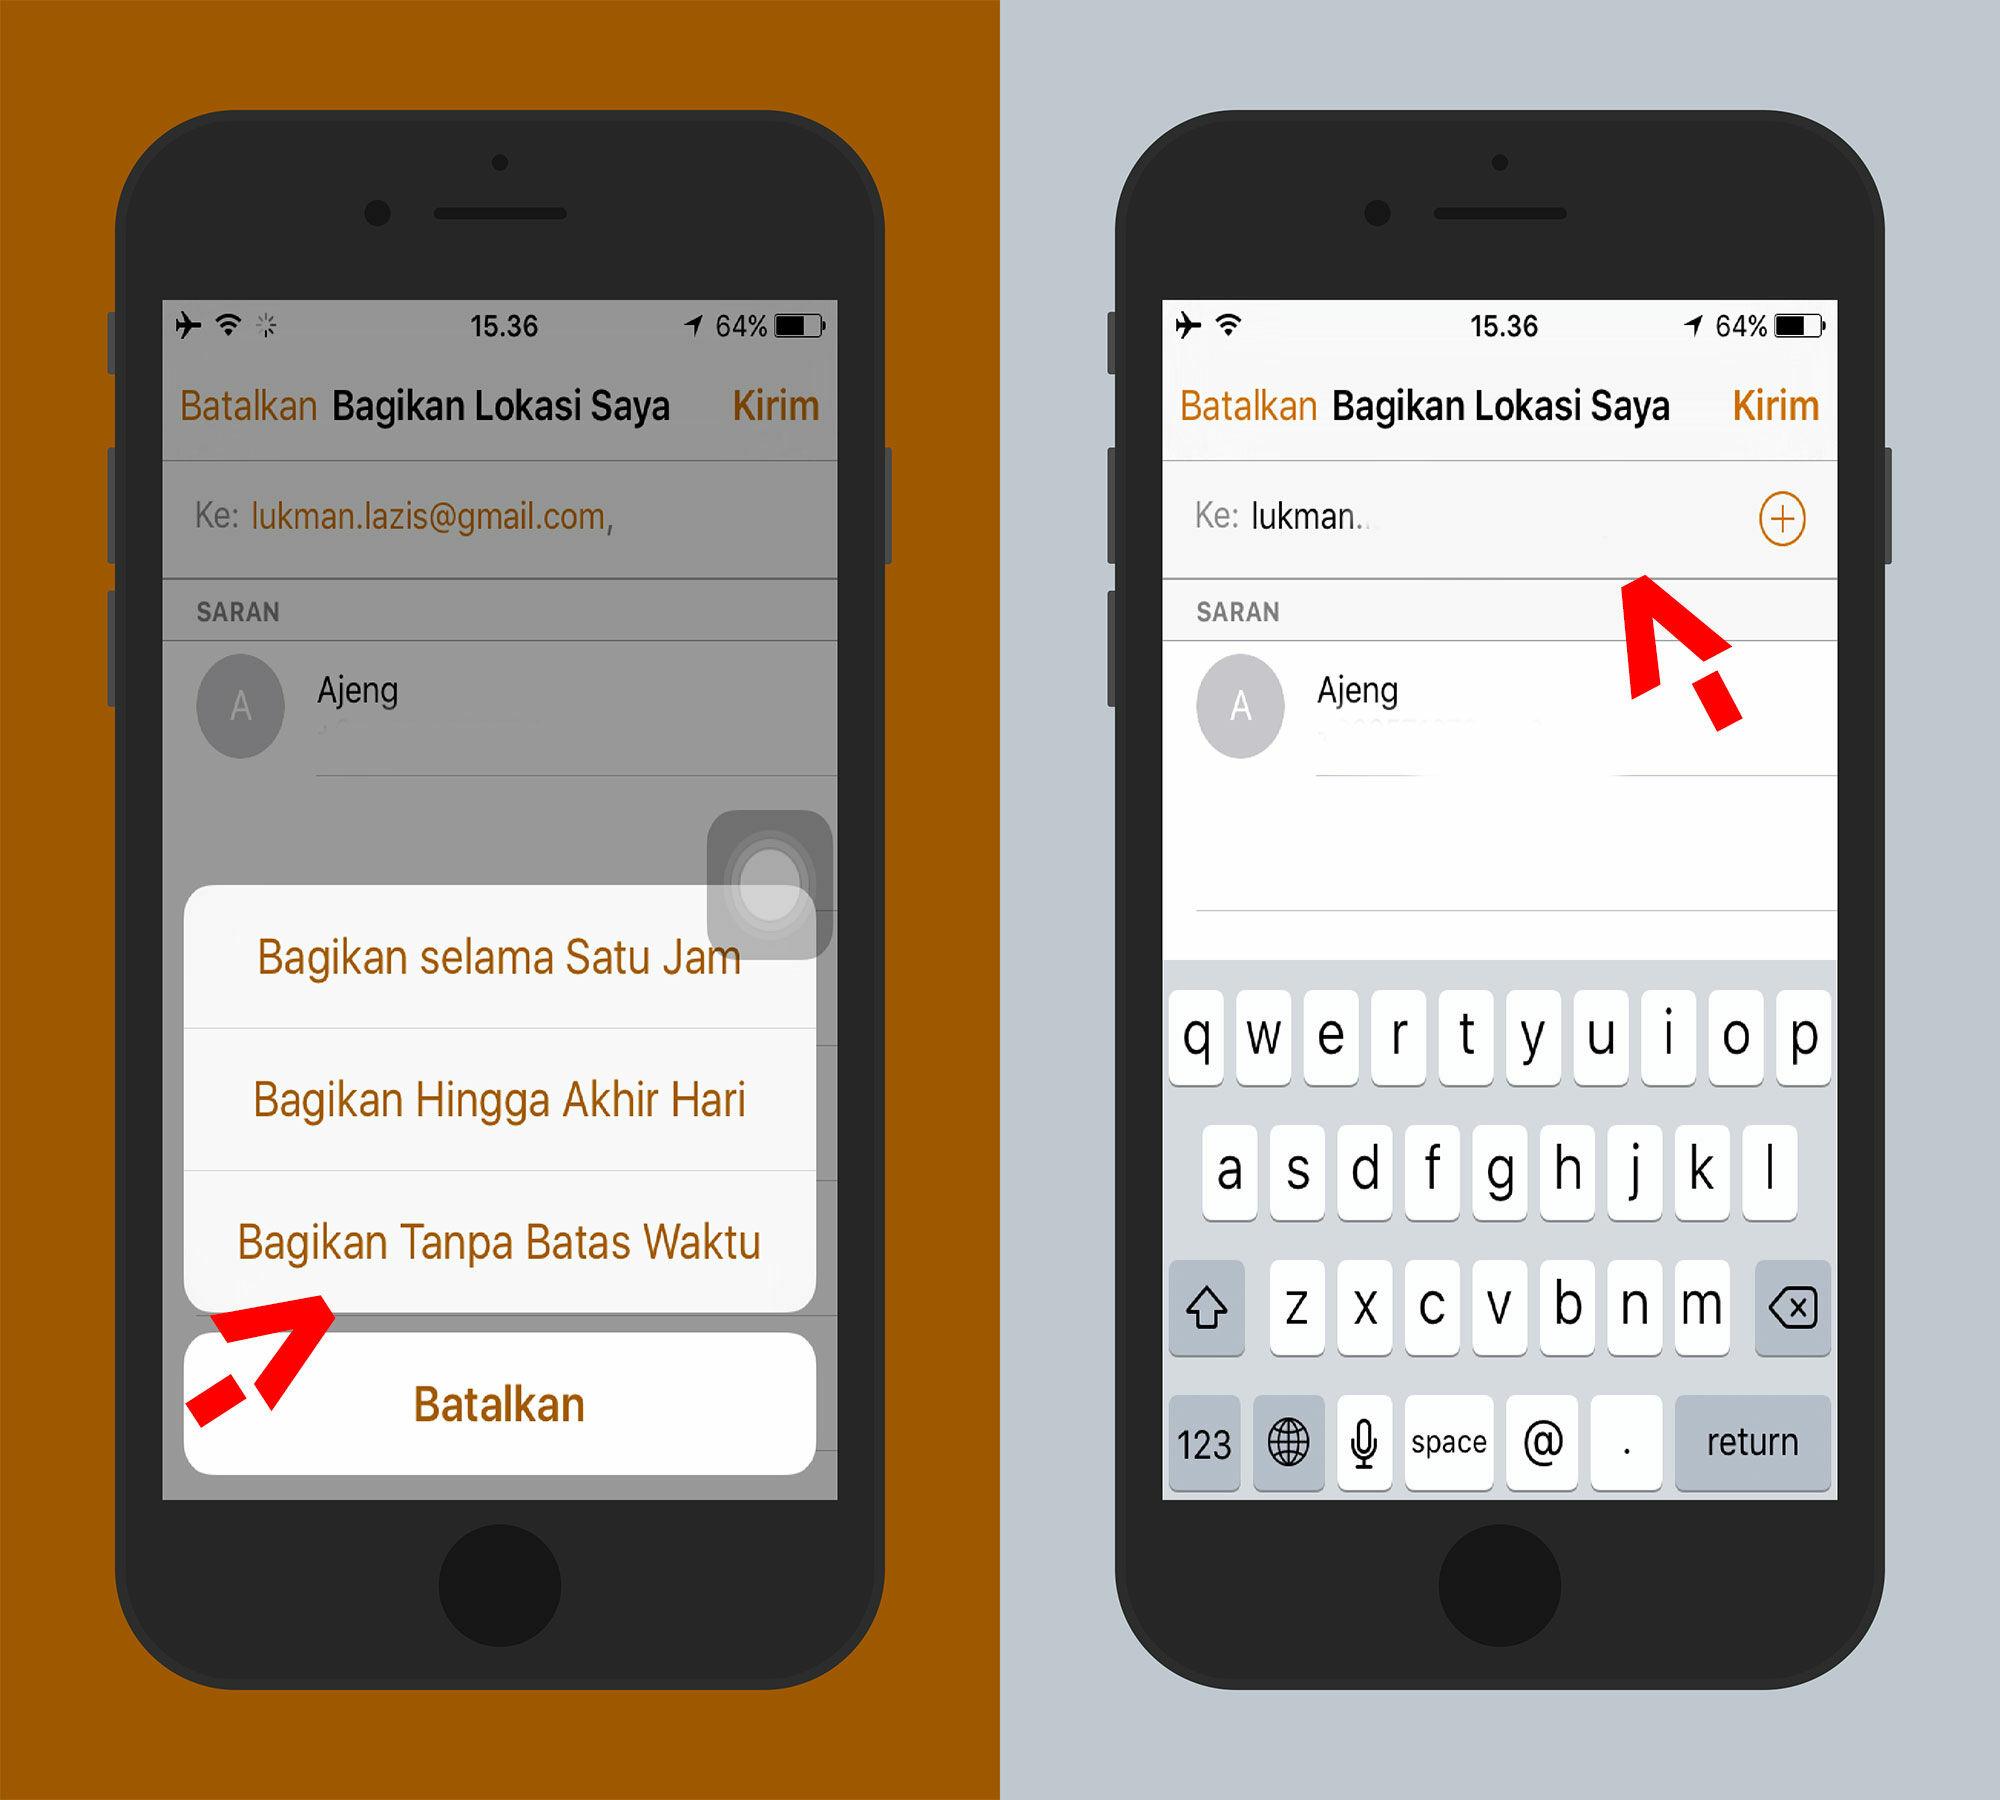 Cara Melacak Lokasi Orang Dengan Iphone 4